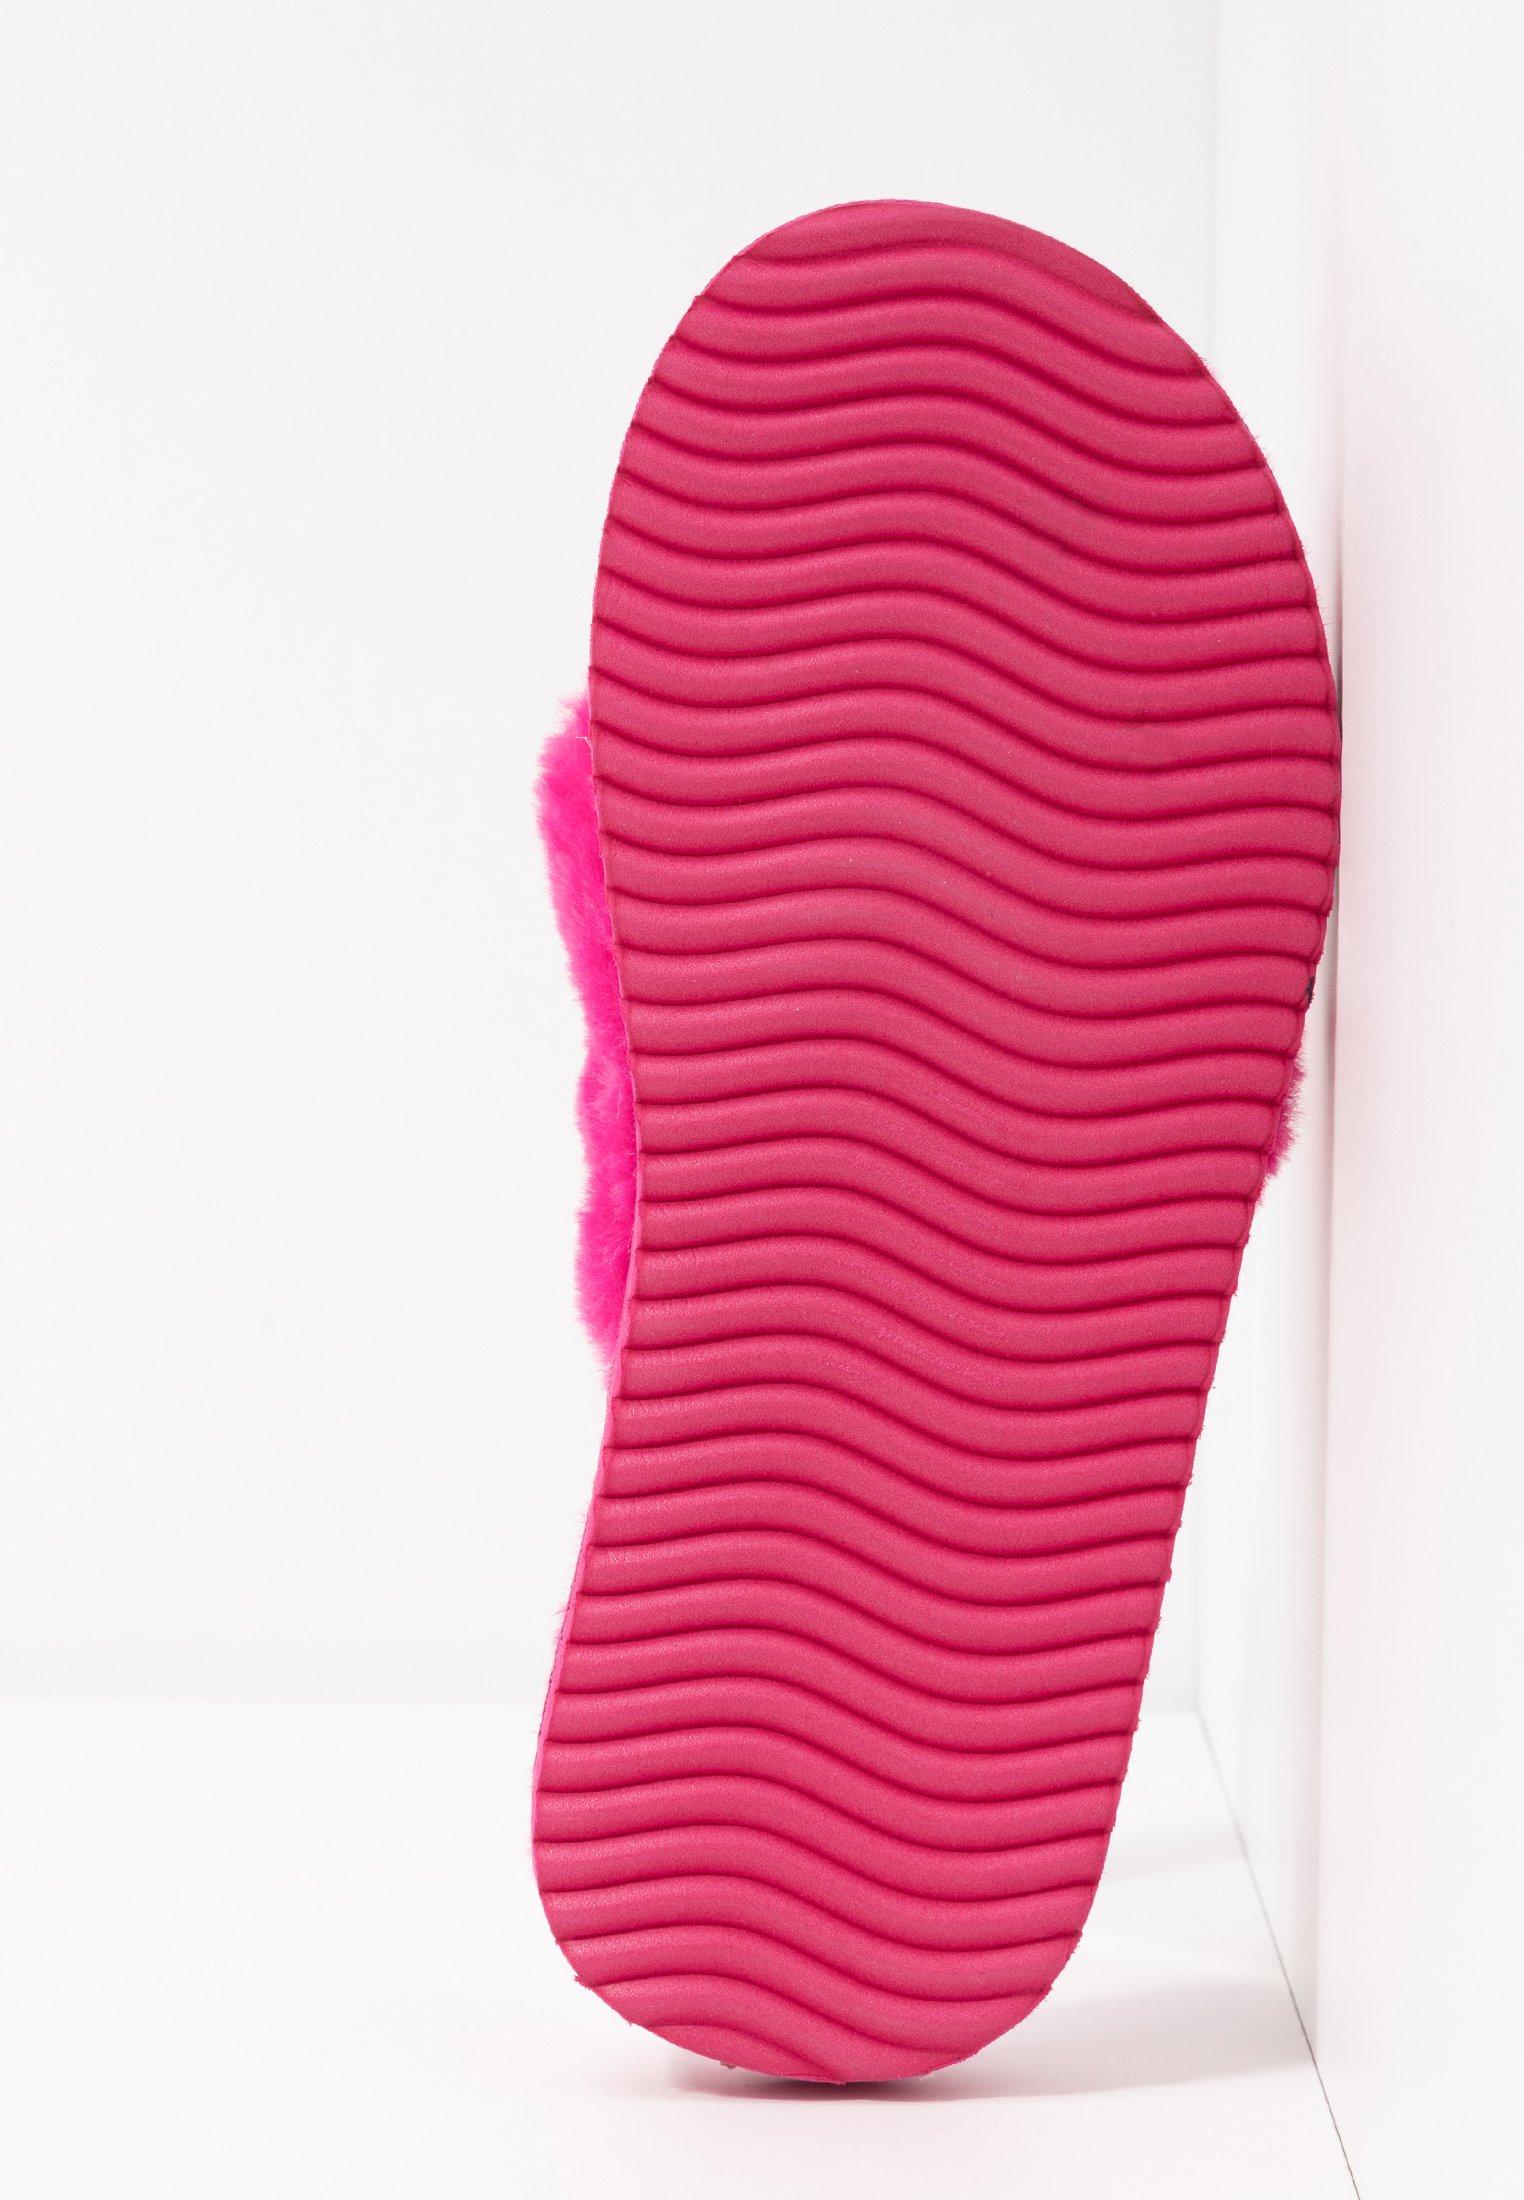 Flip*flop Original - Tofflor & Inneskor Very Pink